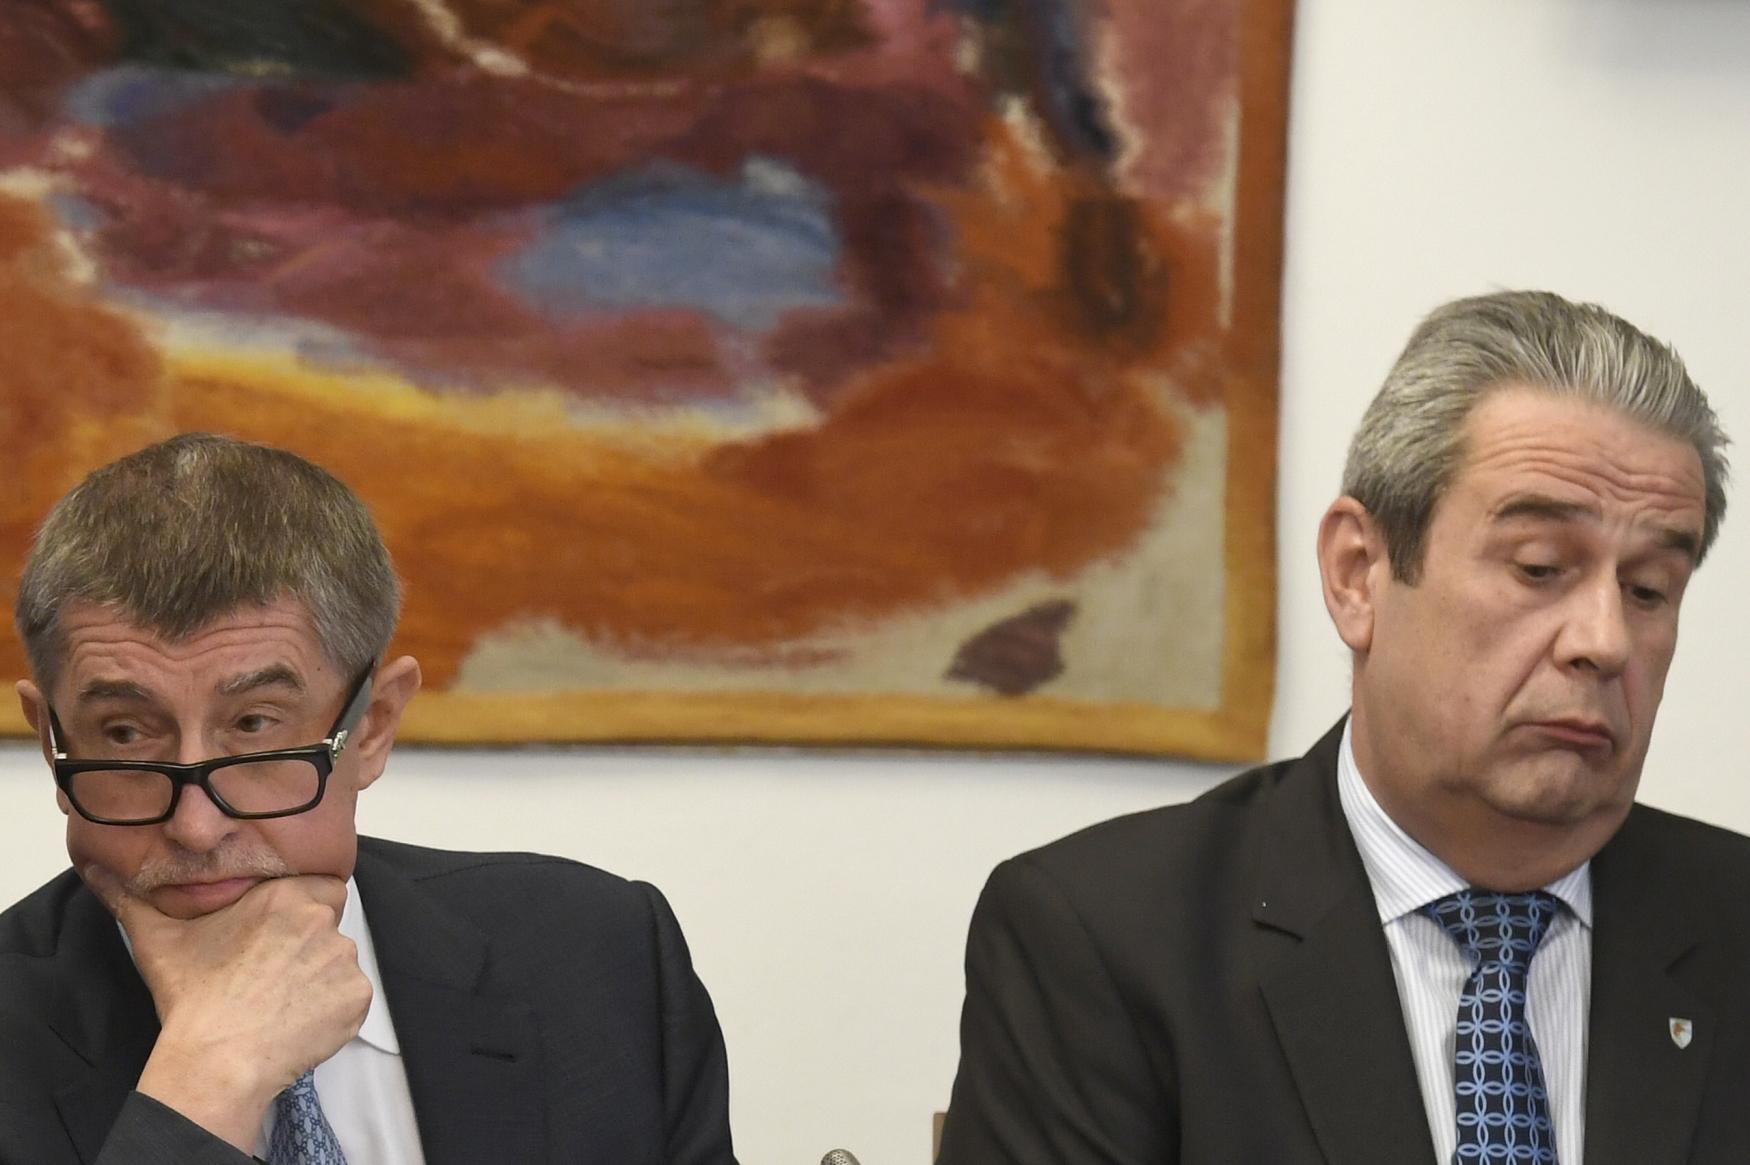 Schůze sněmovního bezpečnostního výboru, na které premiér v demisi Andrej Babiš diskutoval o svých výhradách vůči řediteli Generální inspekce bezpečnostních sborů Michalu Murínovi